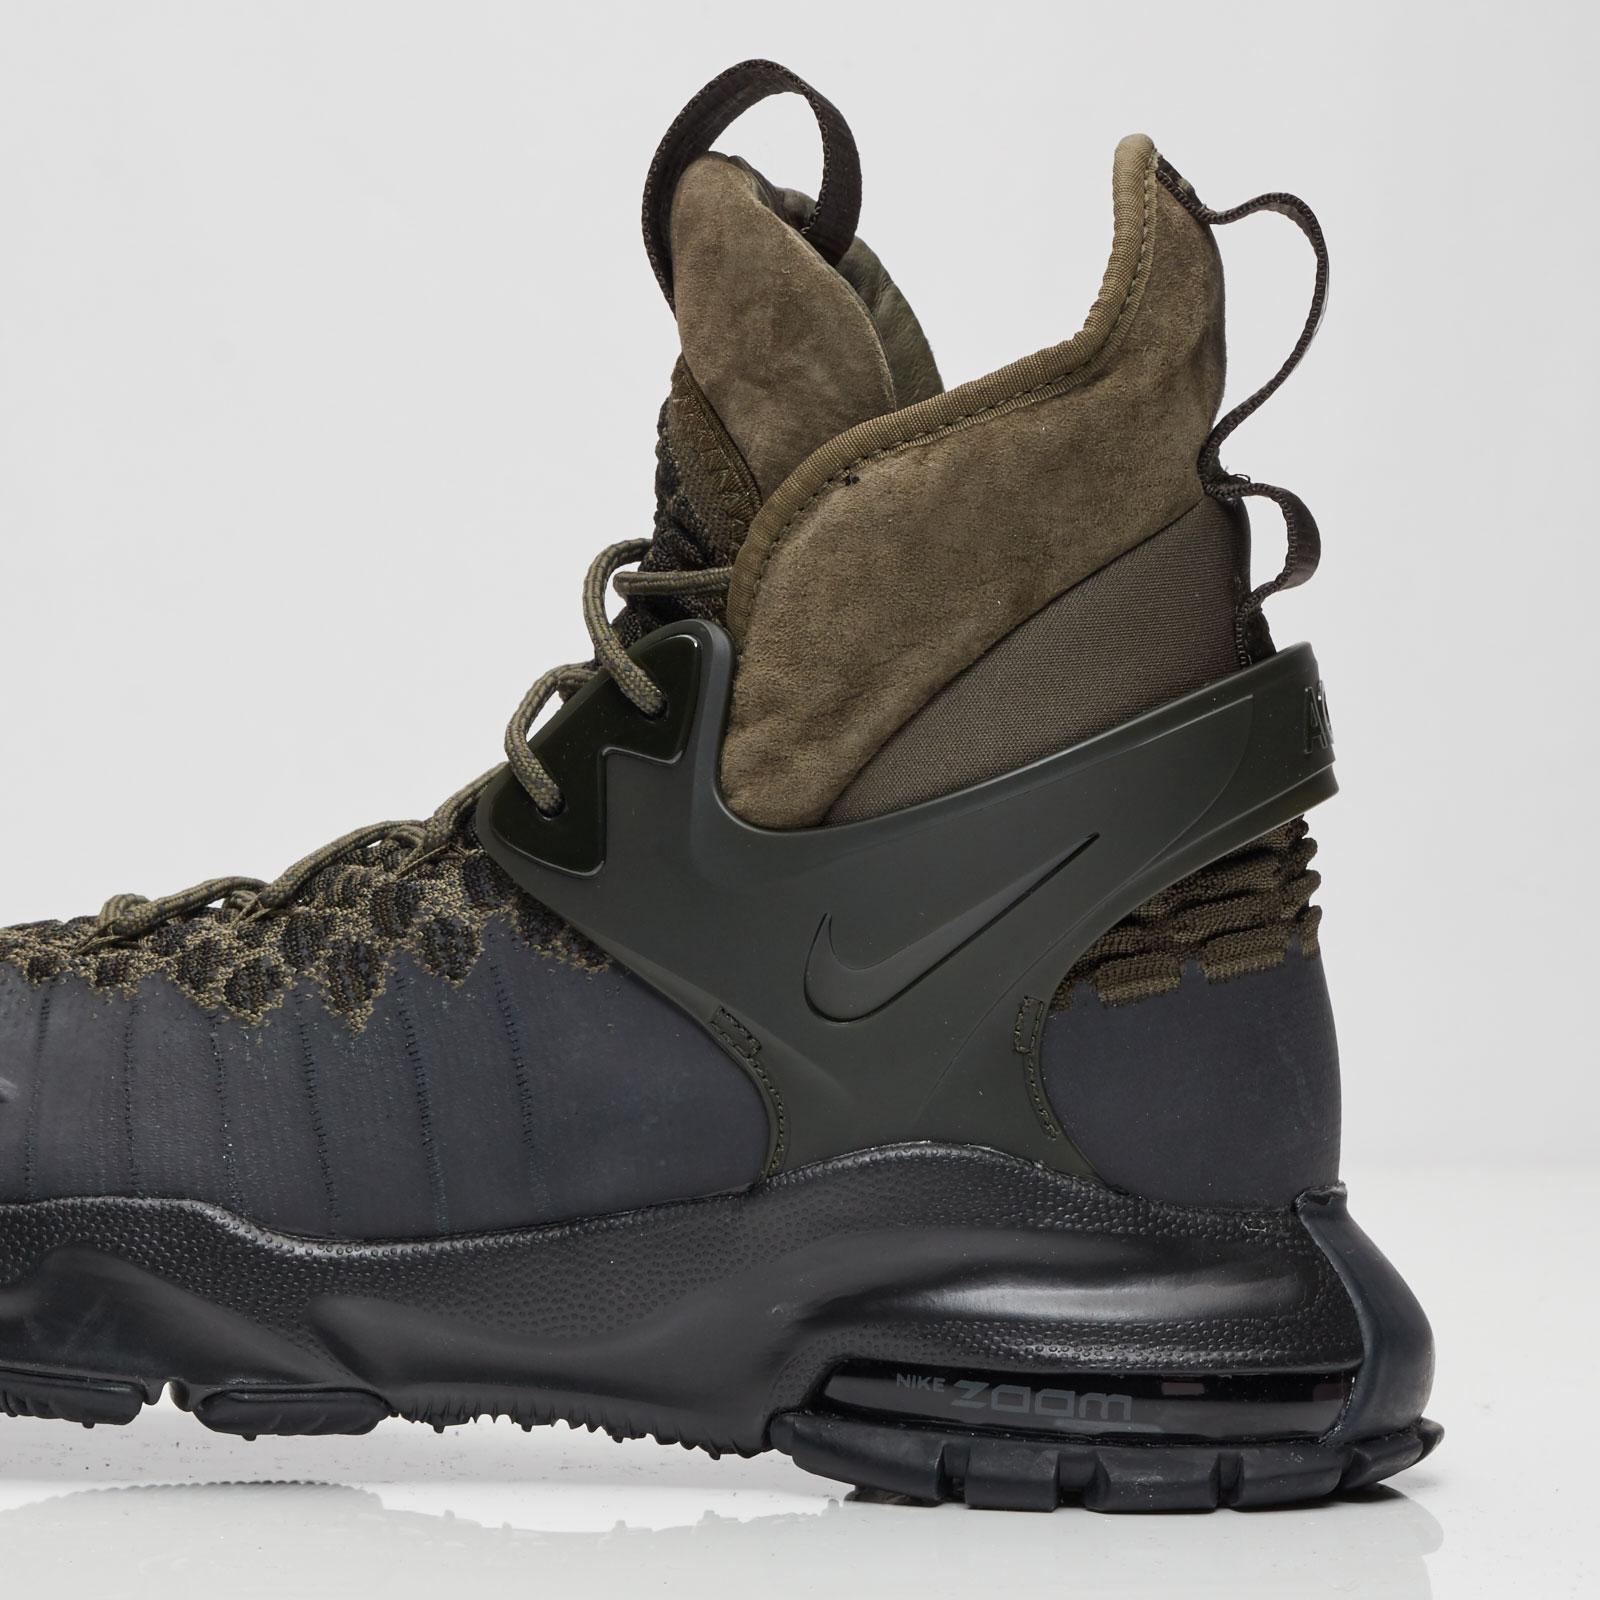 bbb71d1b2cd8 Nike Zoom Tallac Flyknit - 865947-002 - Sneakersnstuff